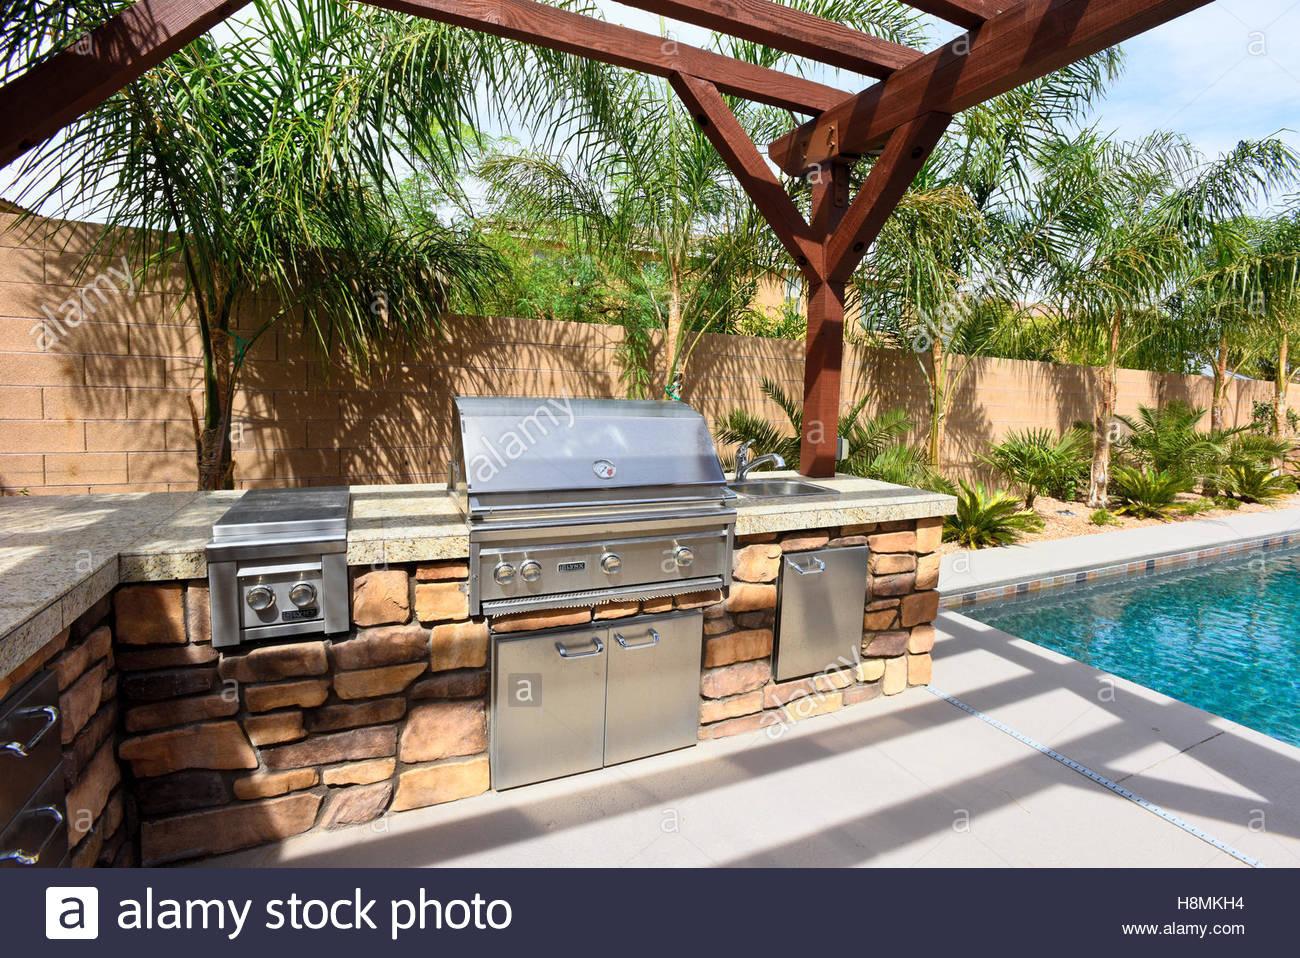 Full Size of Outdoor Küche Edelstahl Kaufen Amerikanisches Bett Amerikanische Betten Küchen Regal Wohnzimmer Amerikanische Outdoor Küchen